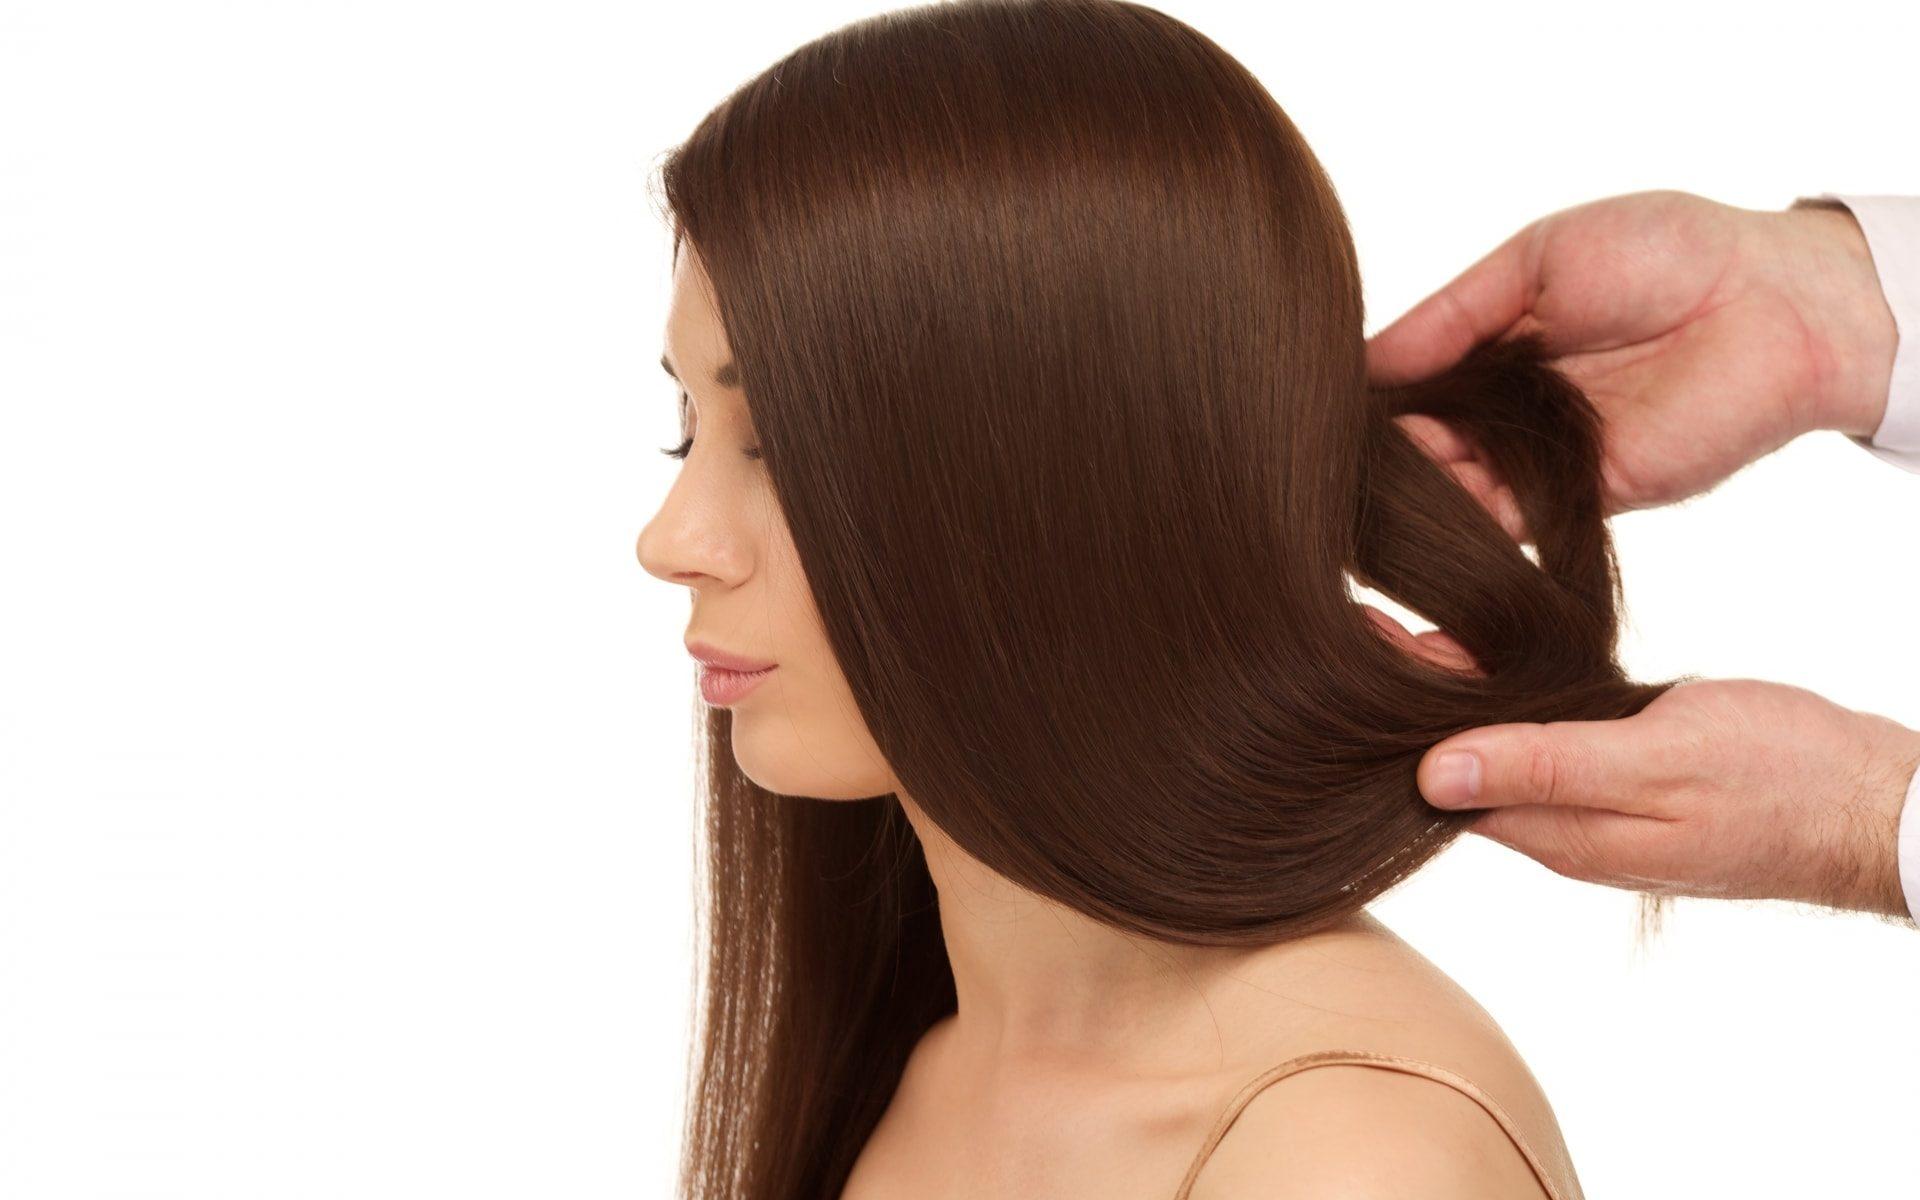 抜け毛が多くなった?女性の薄毛の原因とは?